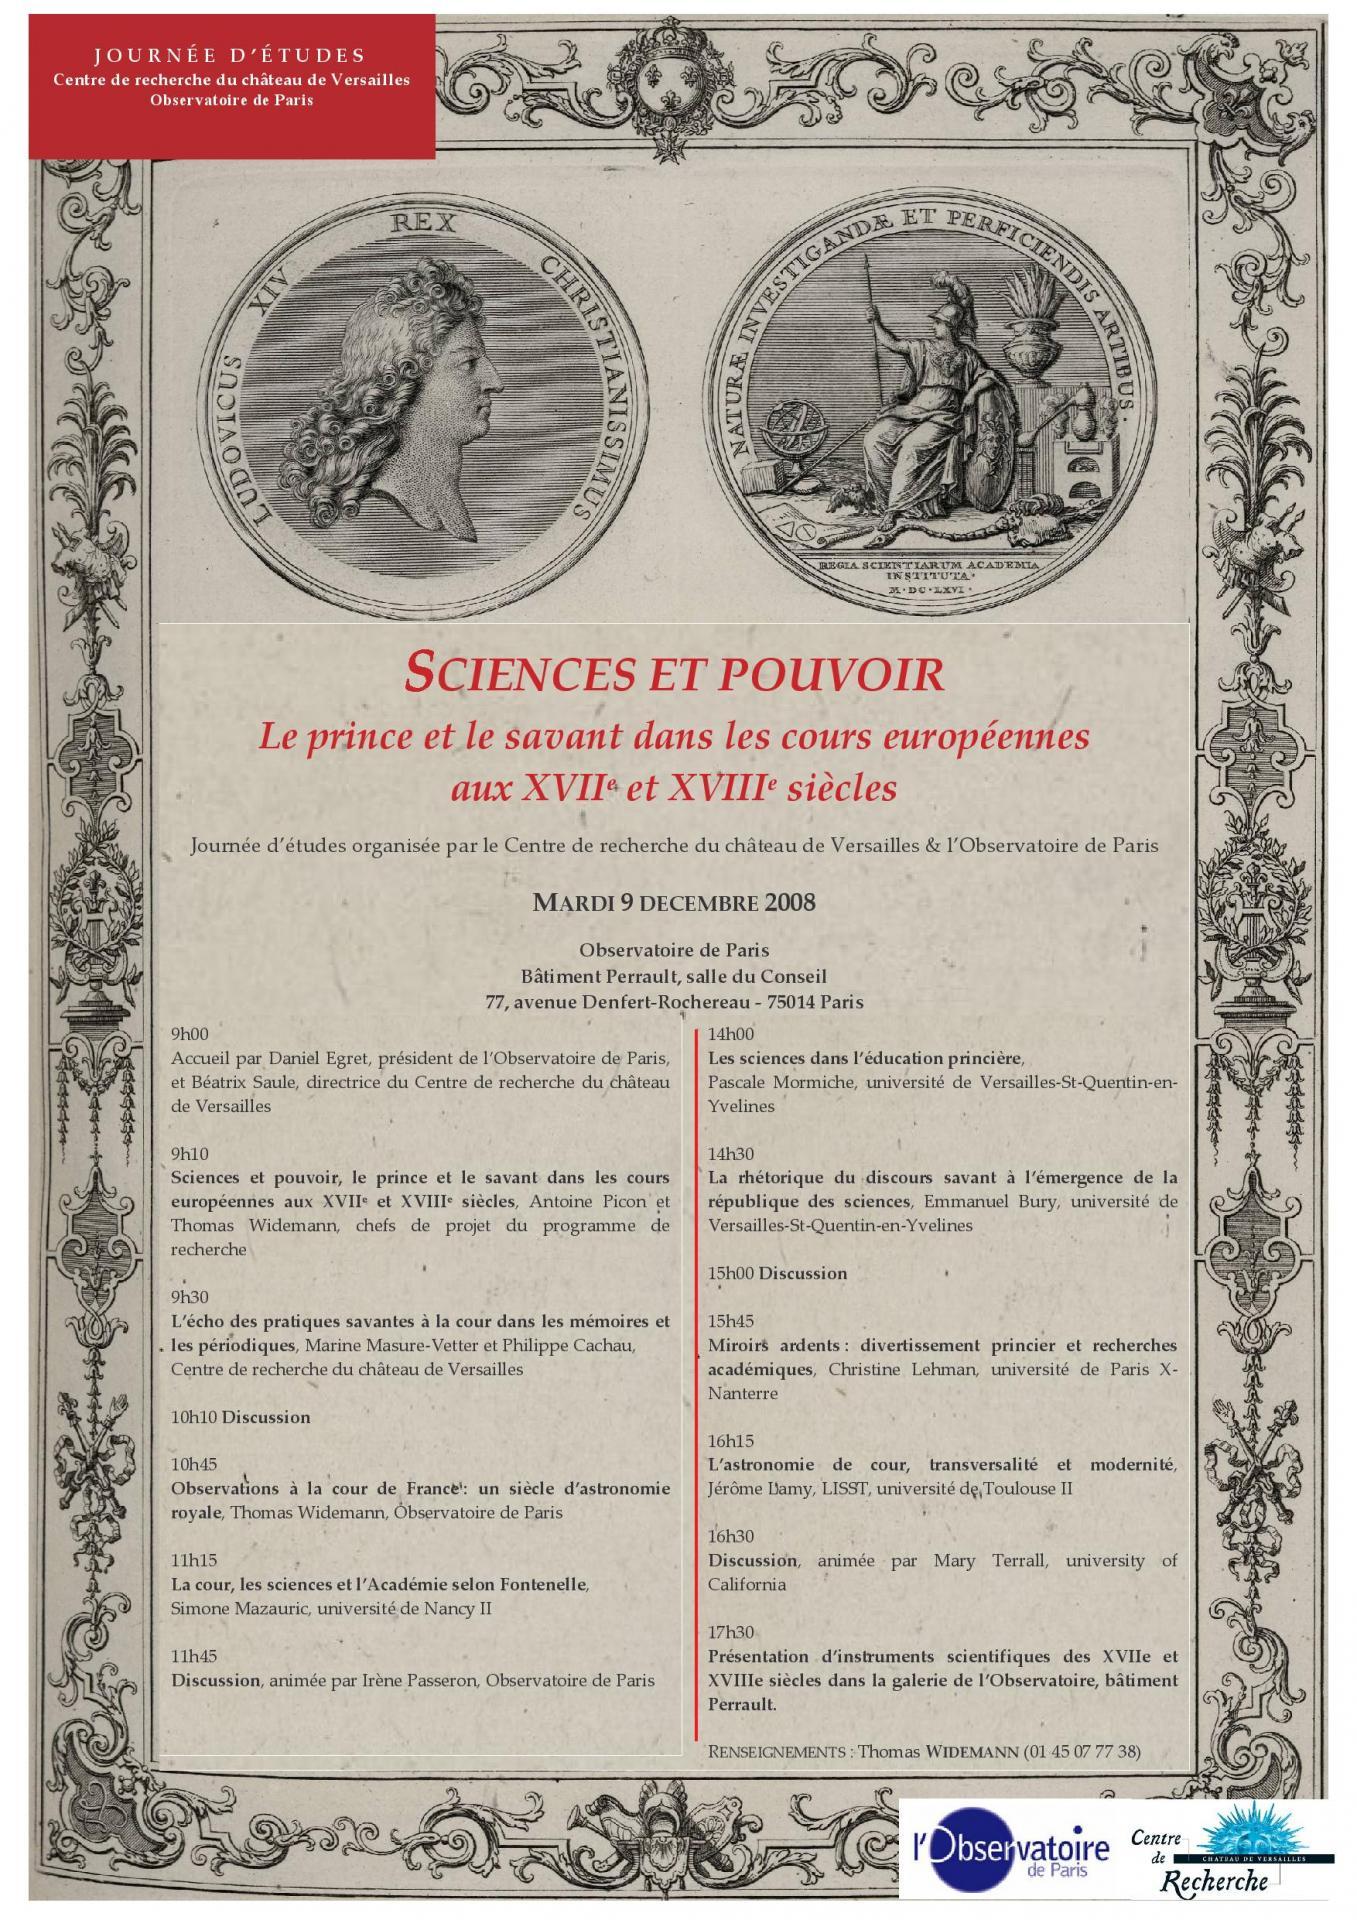 Journée d'études, Observatoire de Paris, 9 décembre 2008